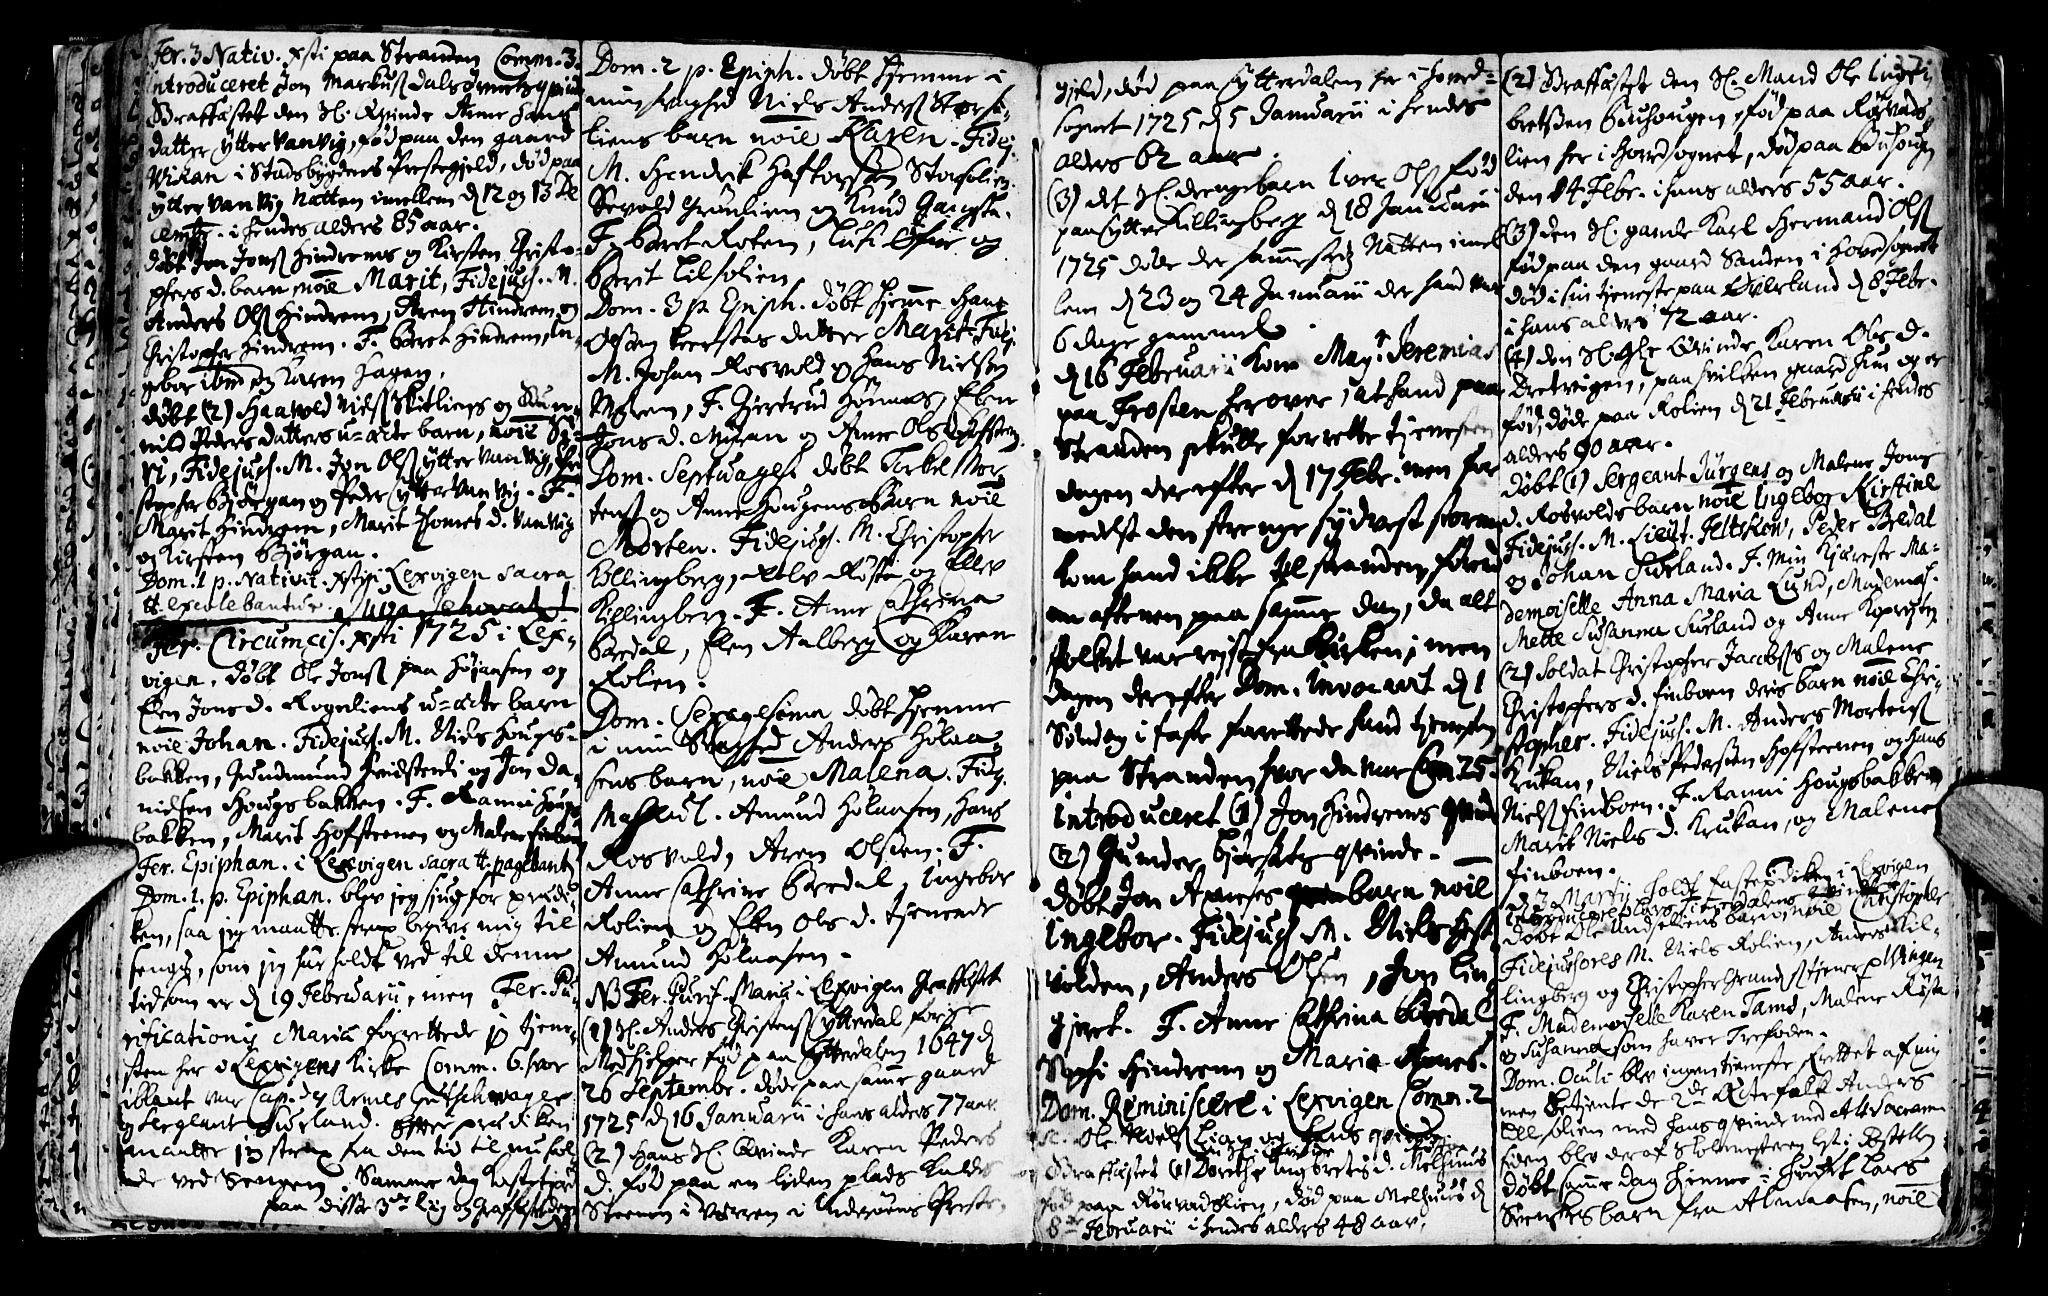 SAT, Ministerialprotokoller, klokkerbøker og fødselsregistre - Nord-Trøndelag, 701/L0001: Ministerialbok nr. 701A01, 1717-1731, s. 27